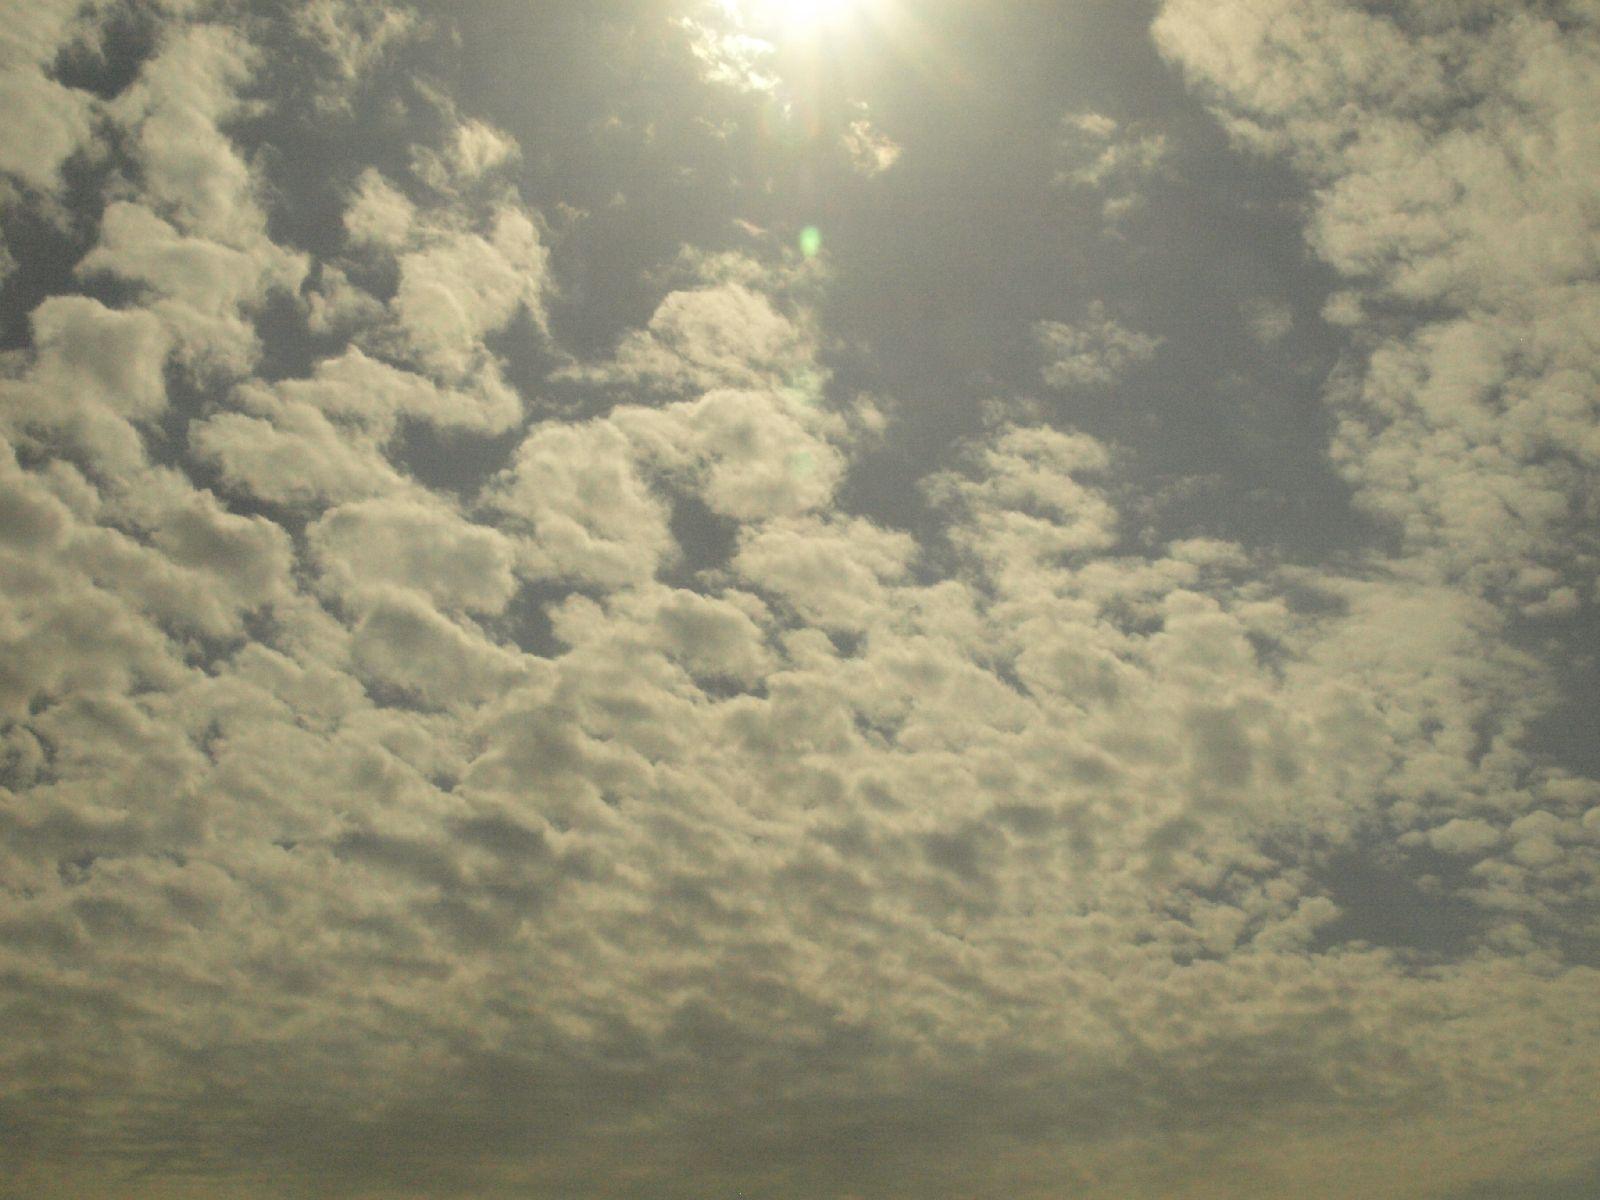 Himmel-Wolken-Foto_Textur_A_P4101916